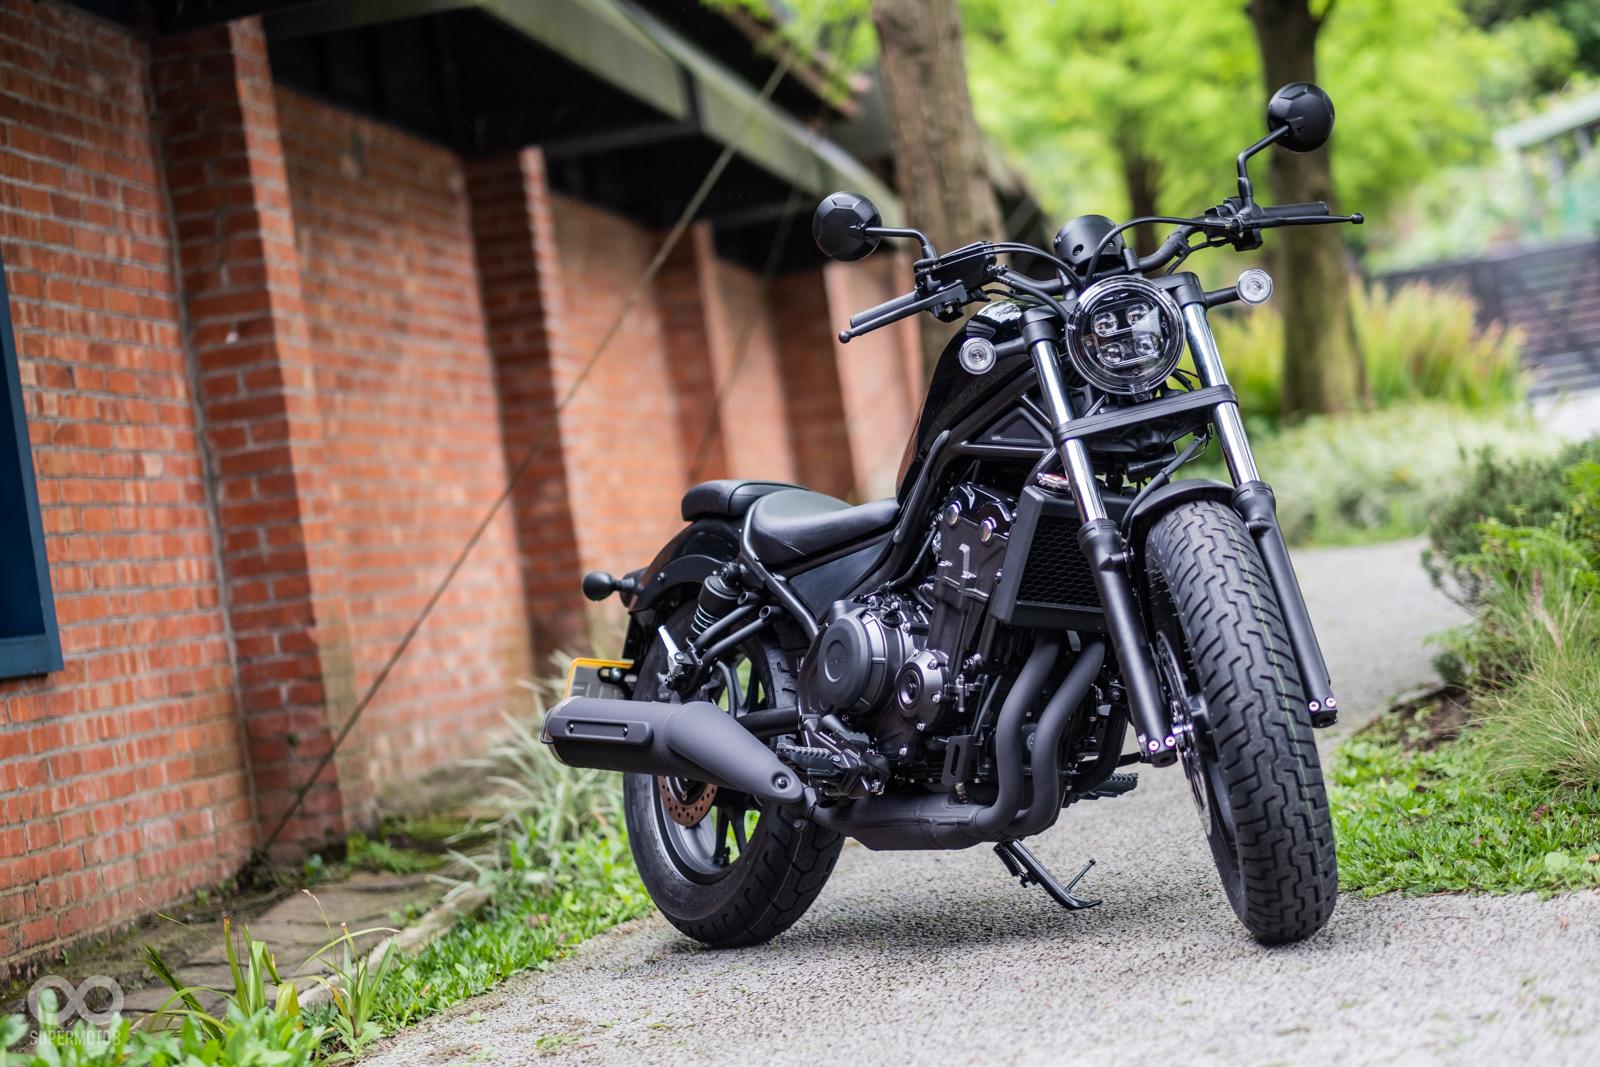 變身迷你哈雷。日本Kijima Customs推出Honda Rebel 500「巡航改裝套件」! | SUPERMOTO8